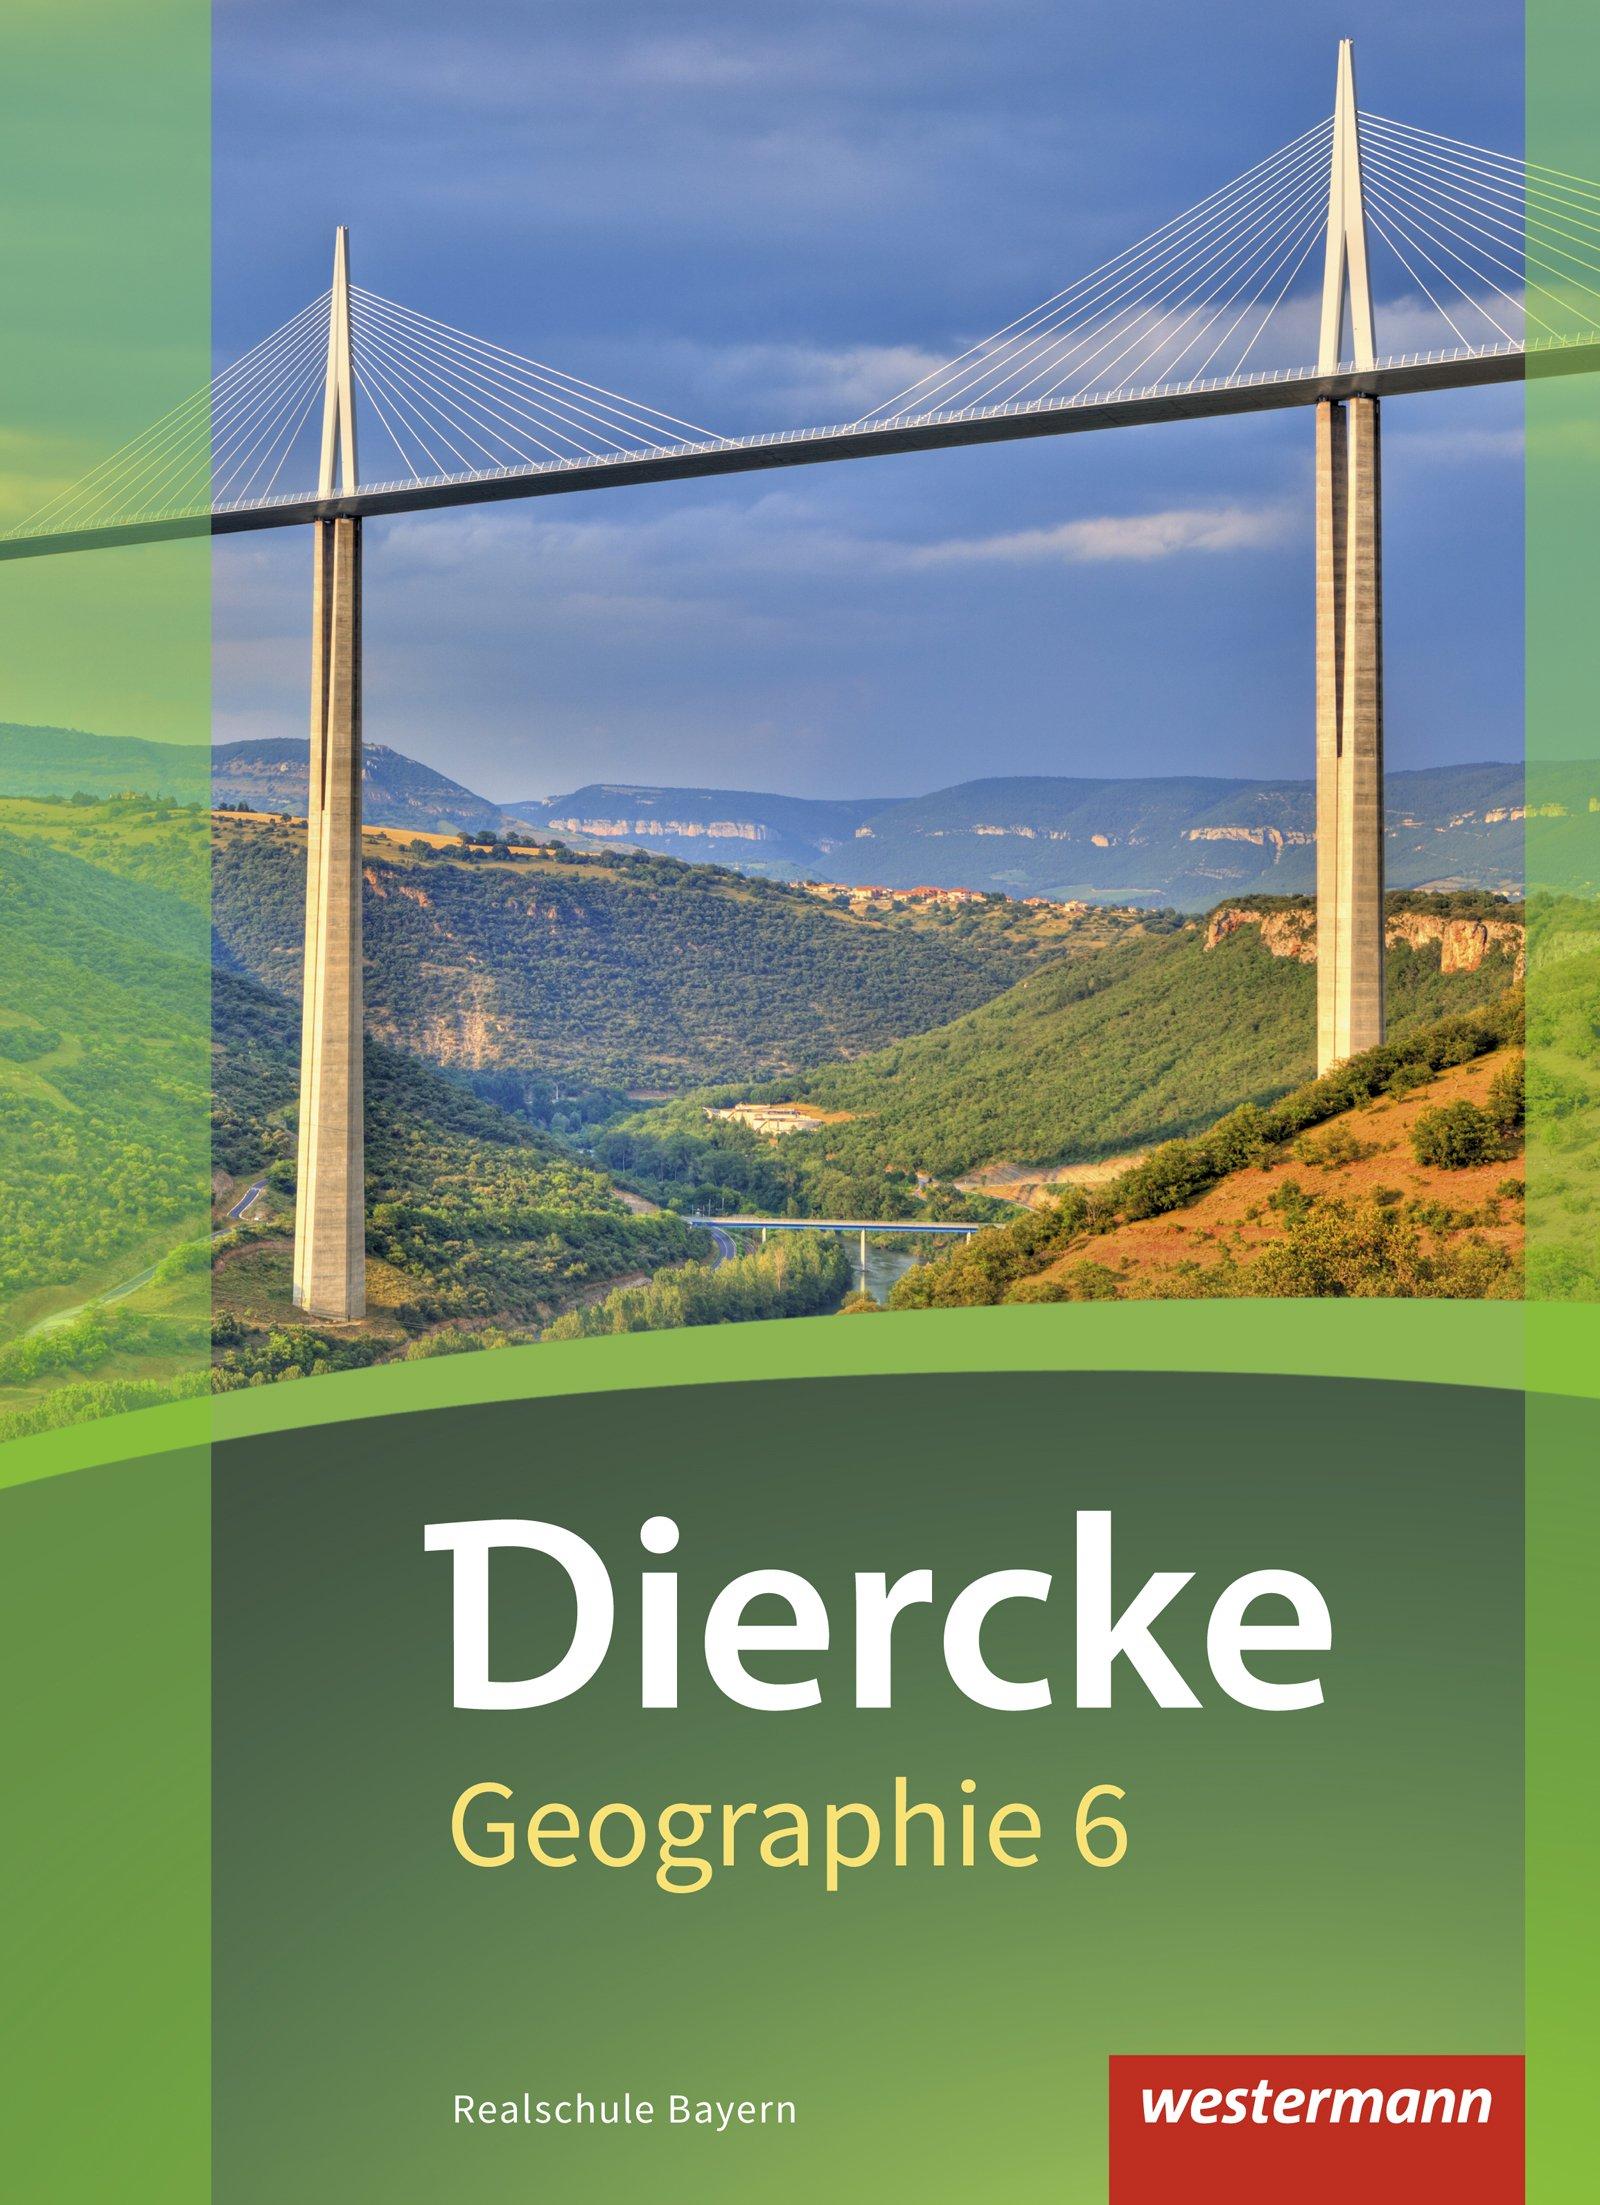 Diercke Geographie - Ausgabe 2017 für Realschulen in Bayern: Schülerband 6: mit Schutzumschlag